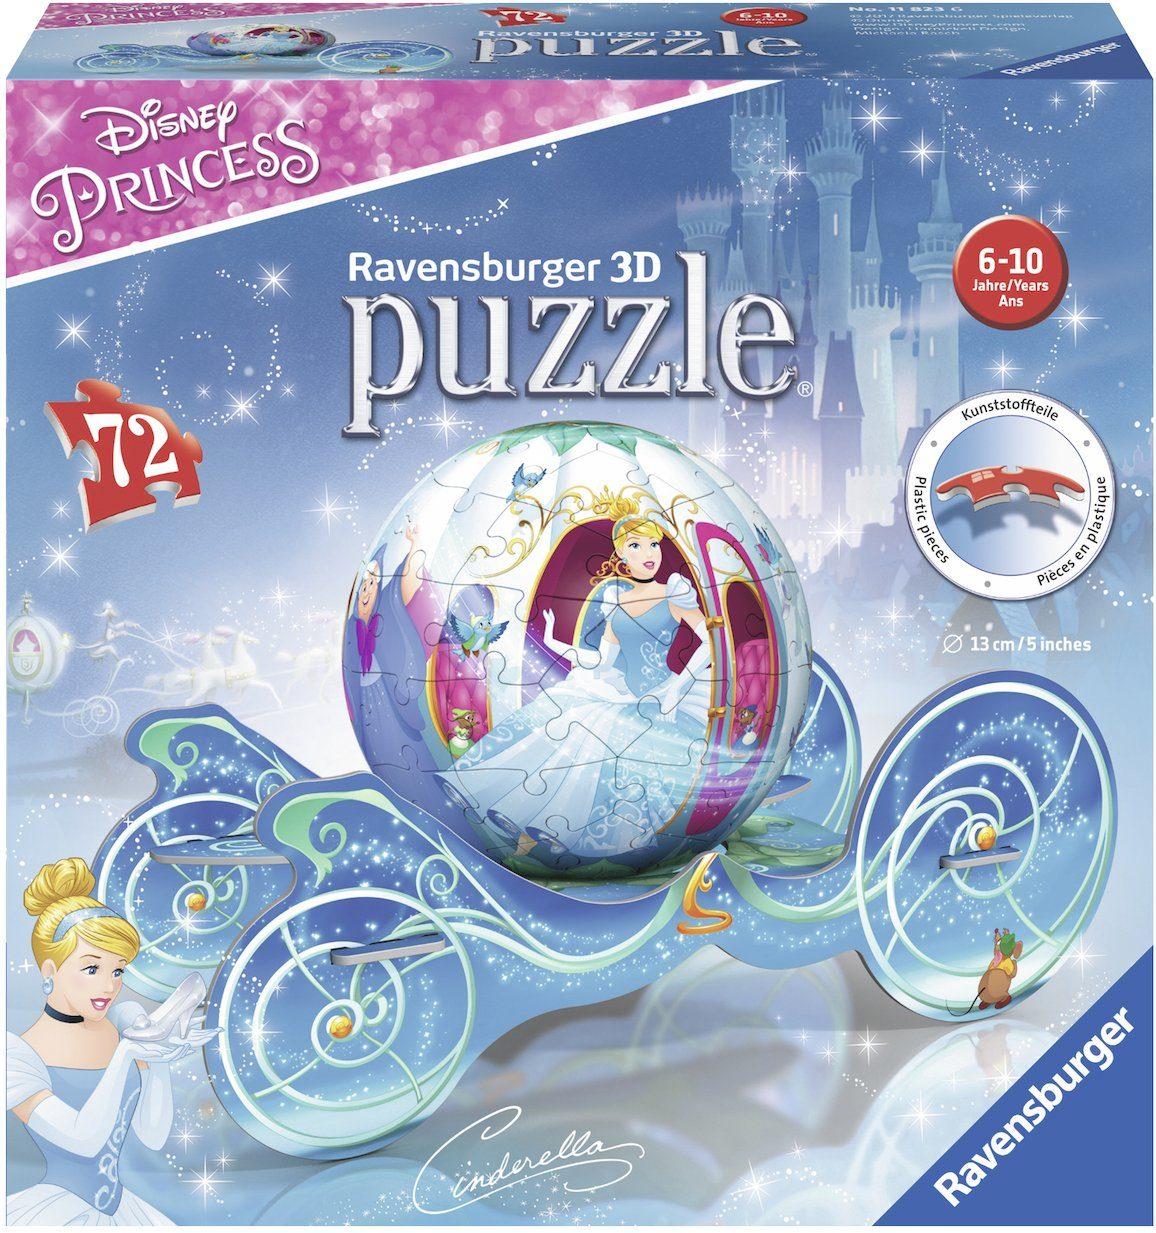 Ravensburger 3D Puzzleball mit Kutsche, 72 Teile, »Cinderella Kutsche«